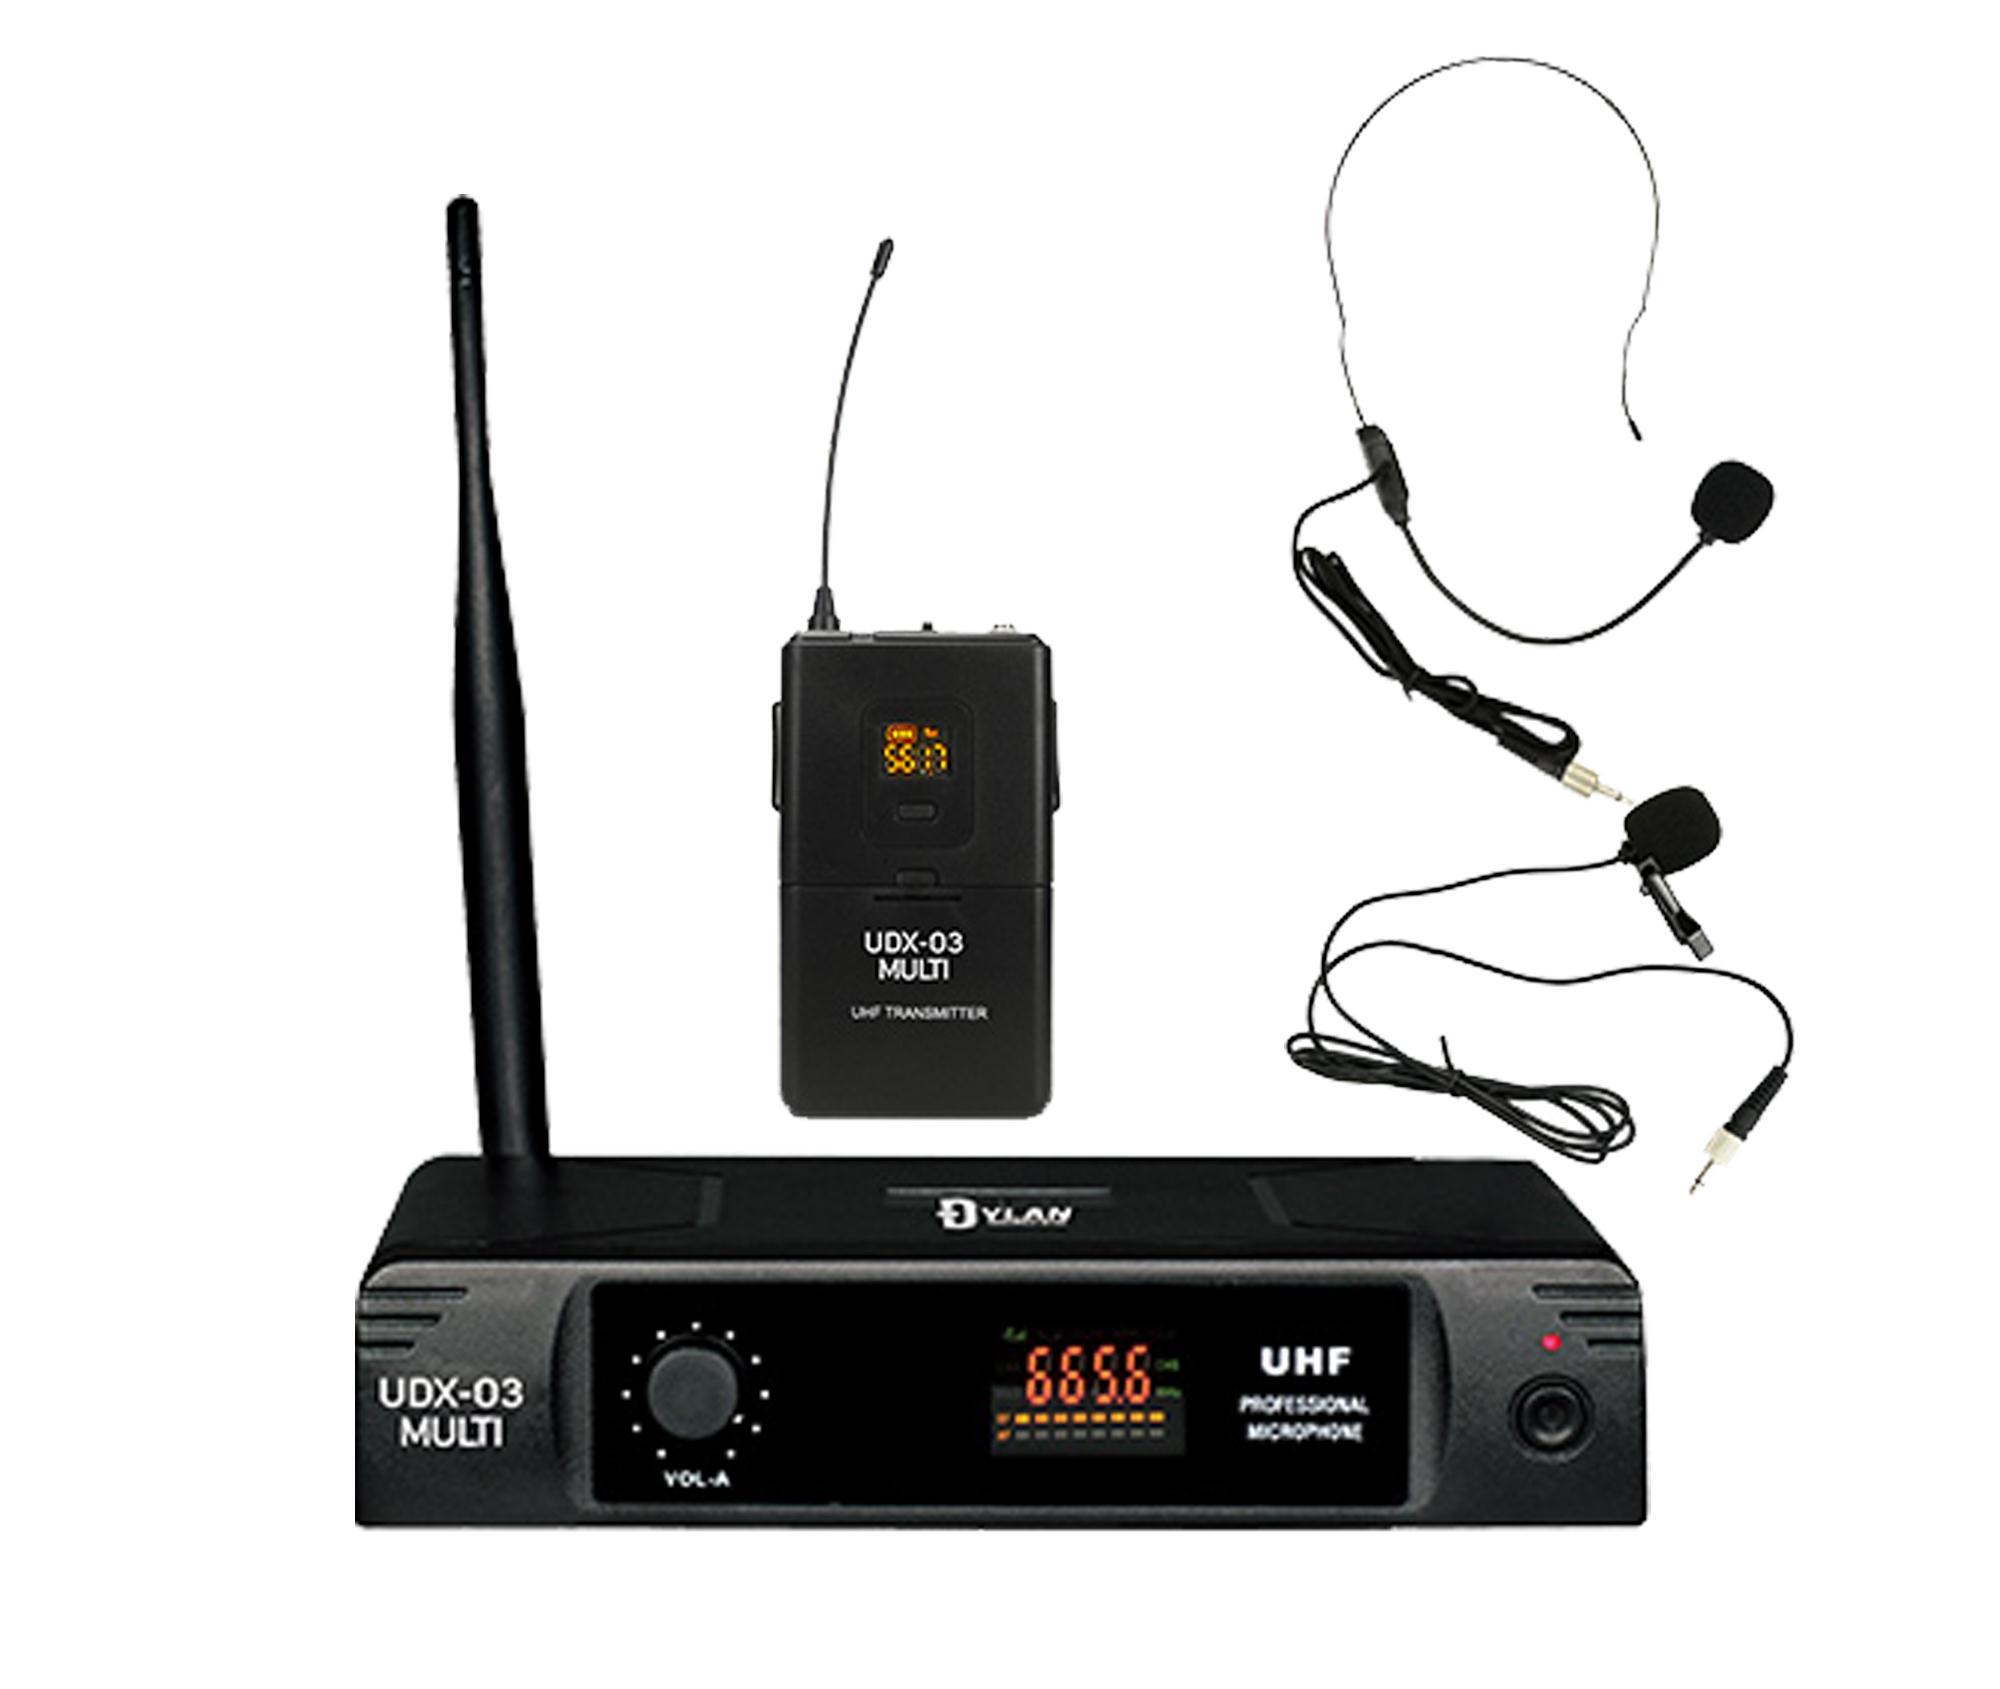 Microfone Headset / Lapela Sem Fio Dylan UDX-03 MULTI (UHF/Display Digital com 30 Canais)